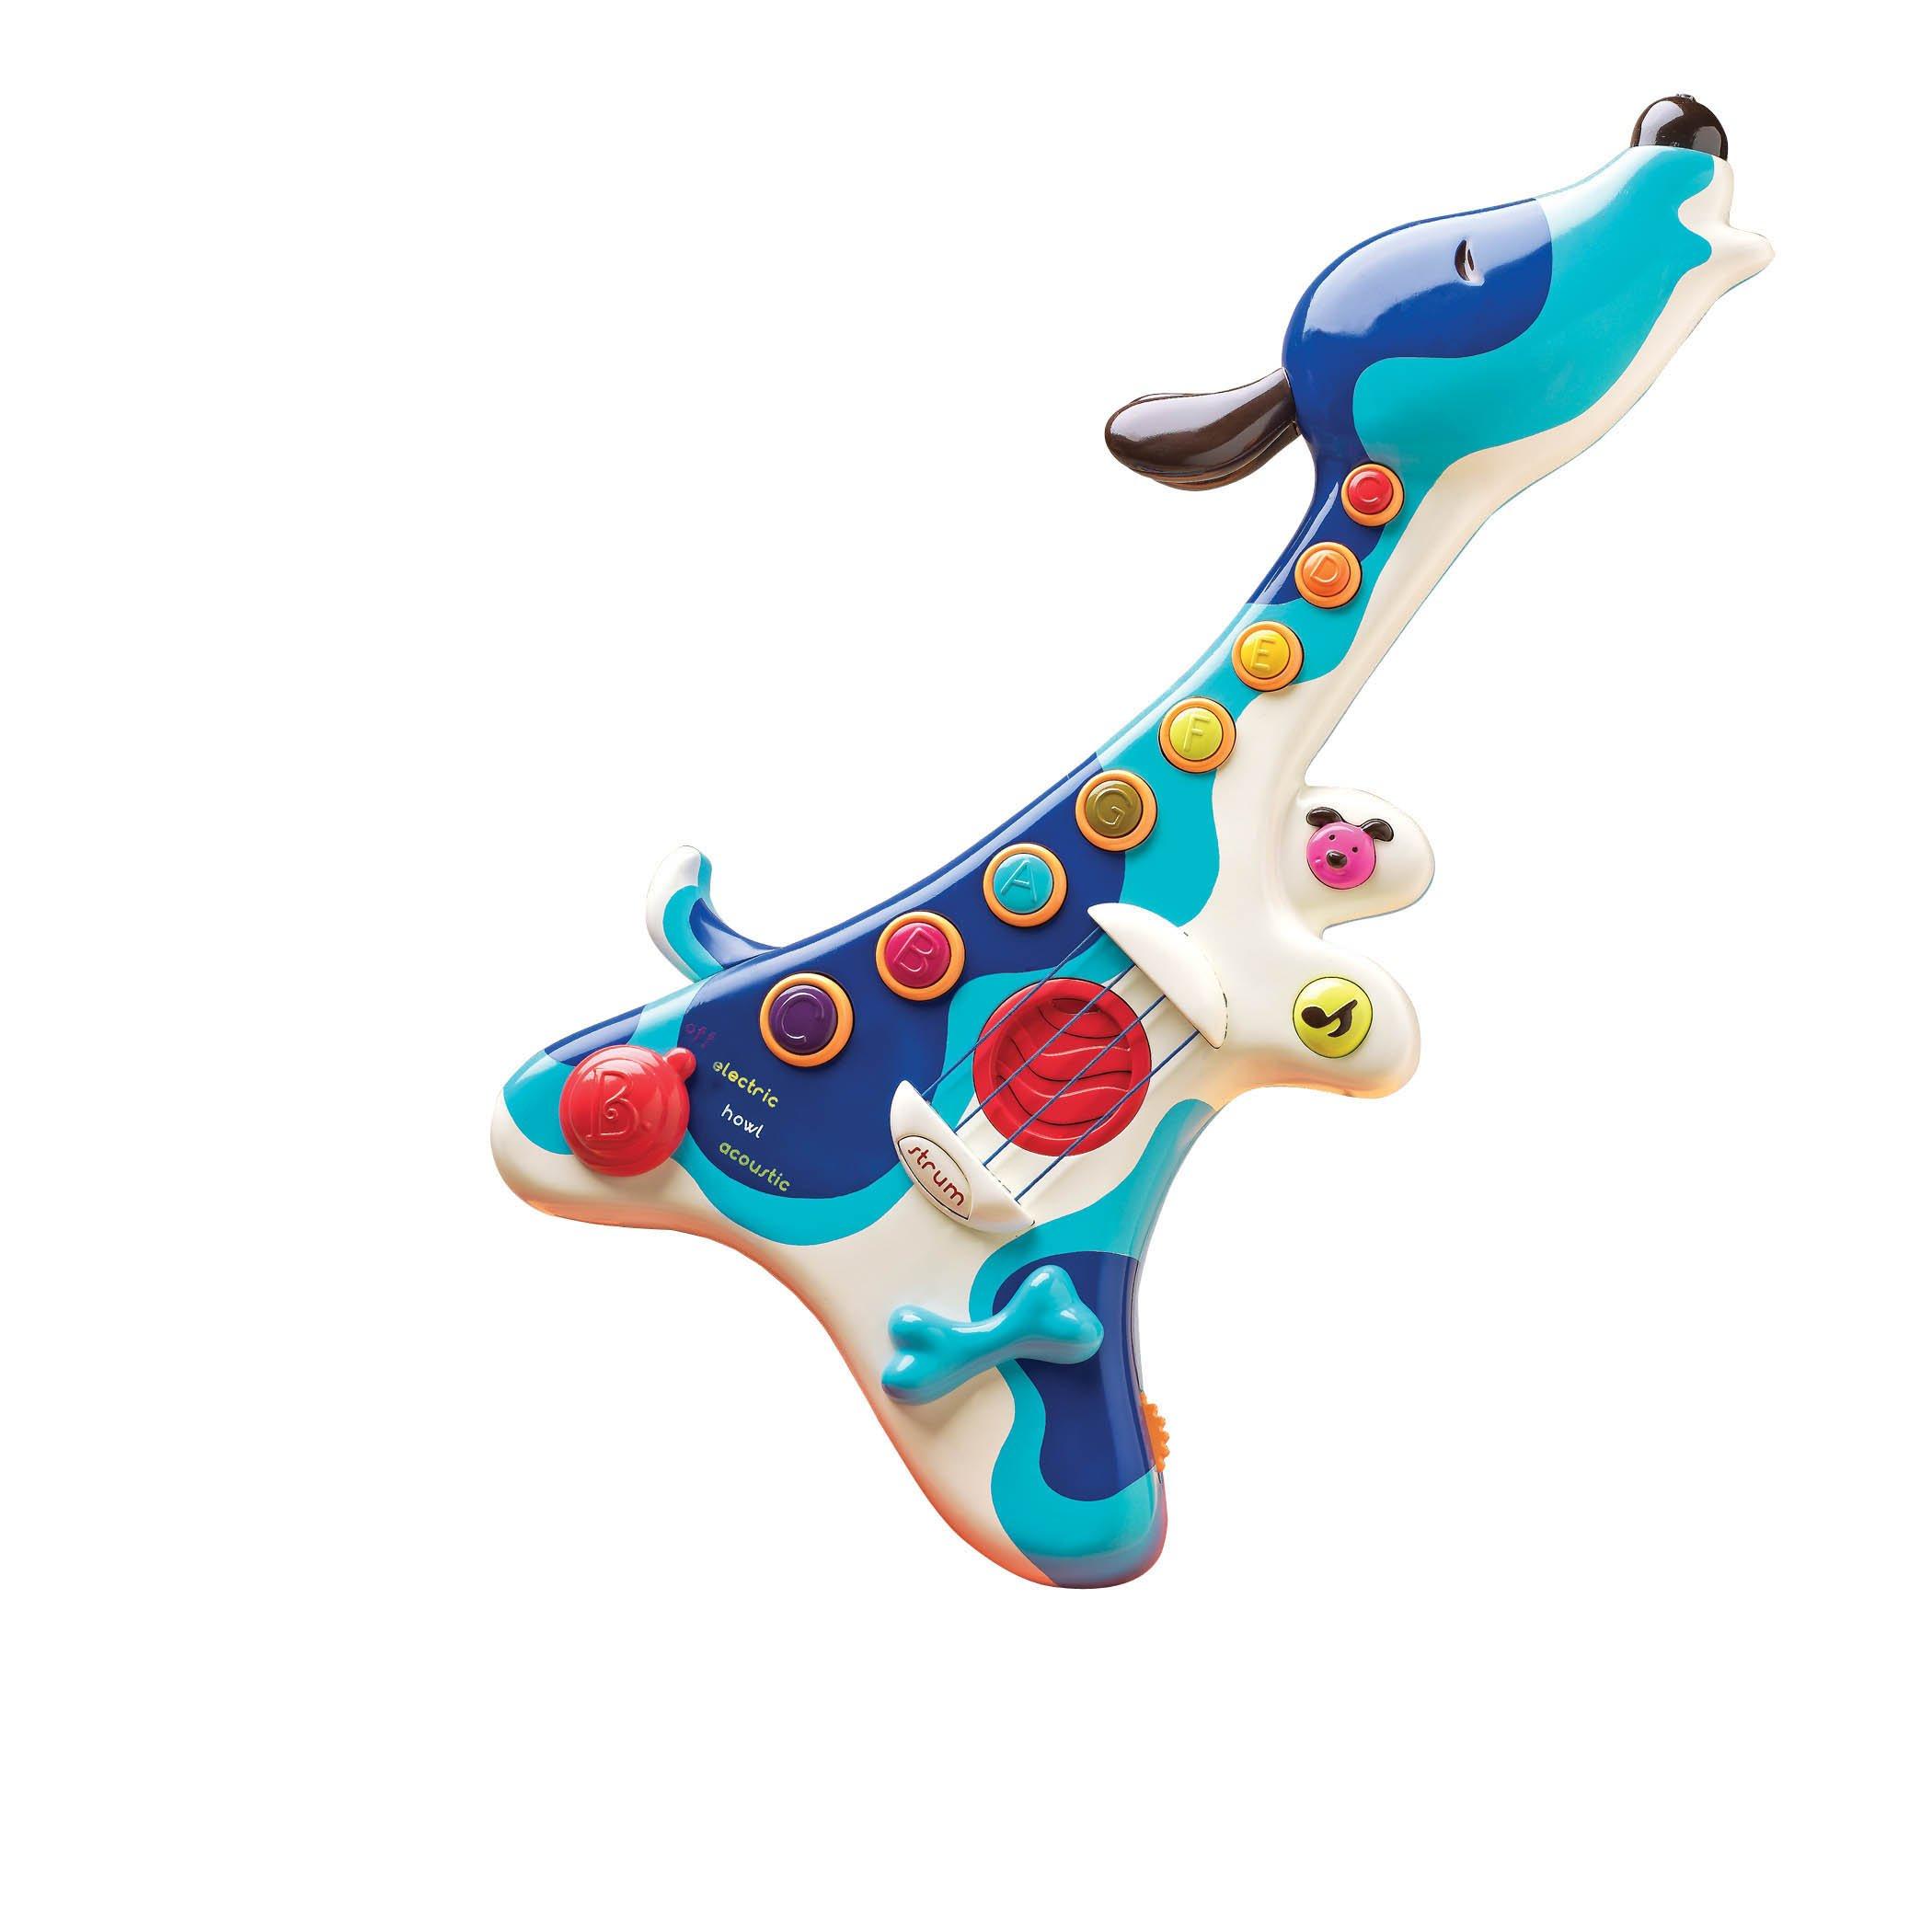 B. Woofer (Hound Dog Guitar) by B. toys by Battat